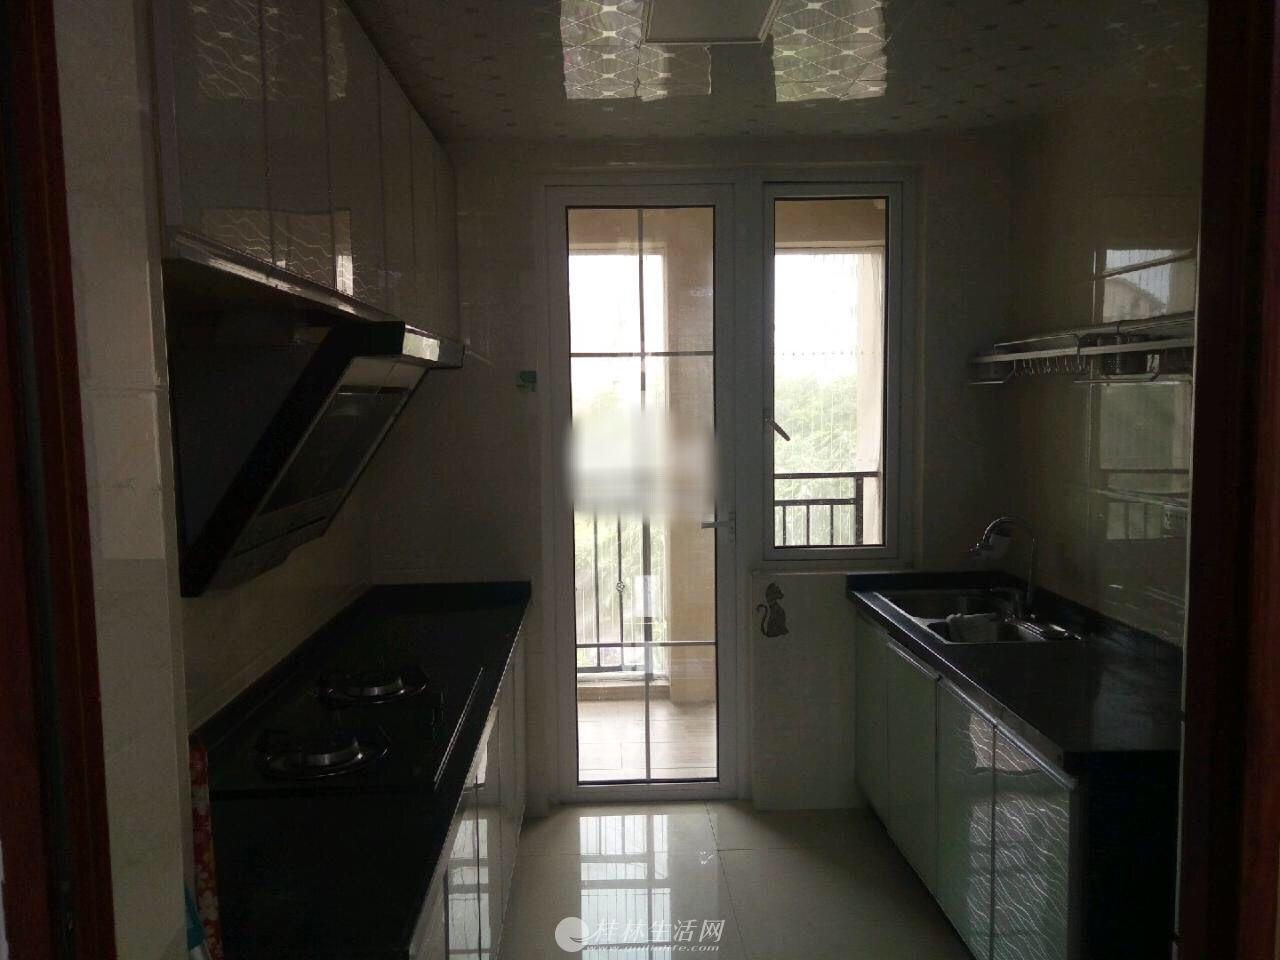 出租,彰泰兰乔圣菲,3房2厅2卫,135平米,电梯4楼,3800元/月,家具齐全